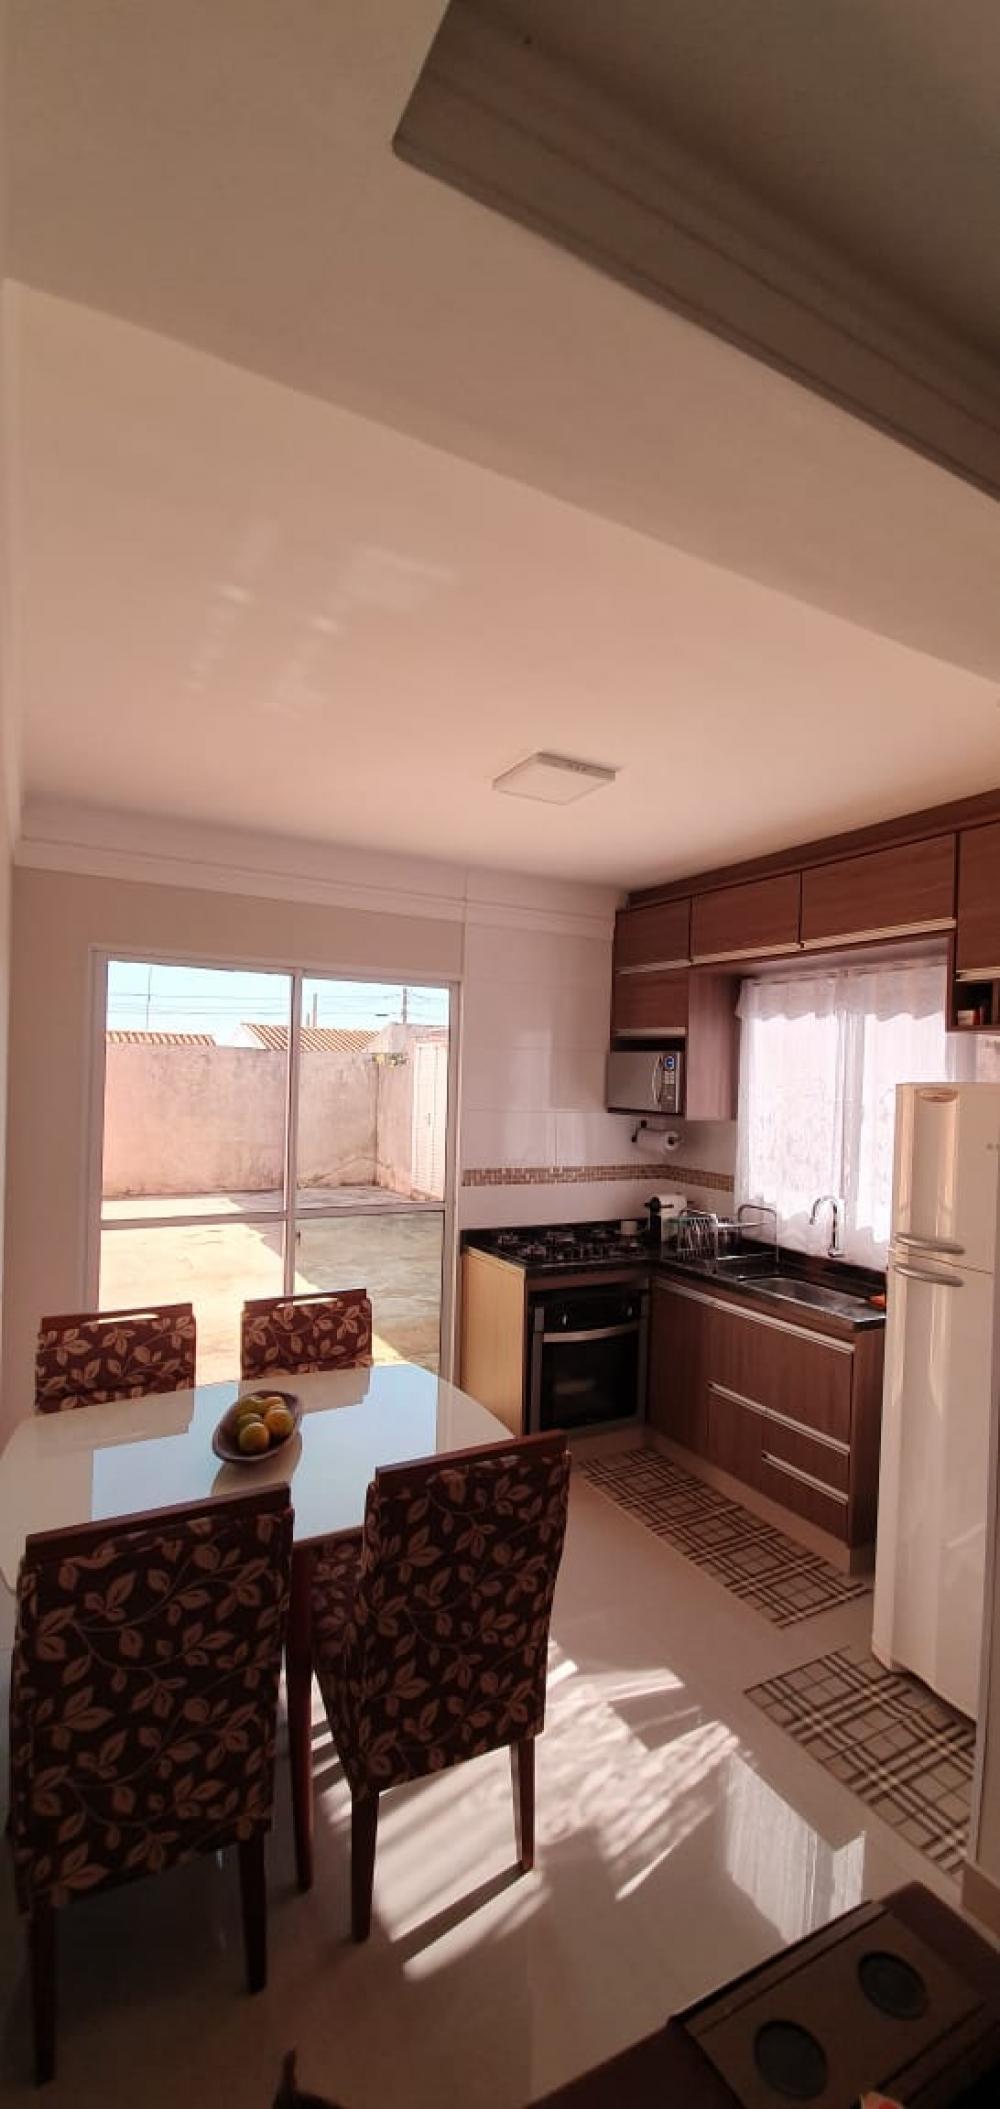 Comprar Casa / Condomínio em São José do Rio Preto apenas R$ 310.000,00 - Foto 6